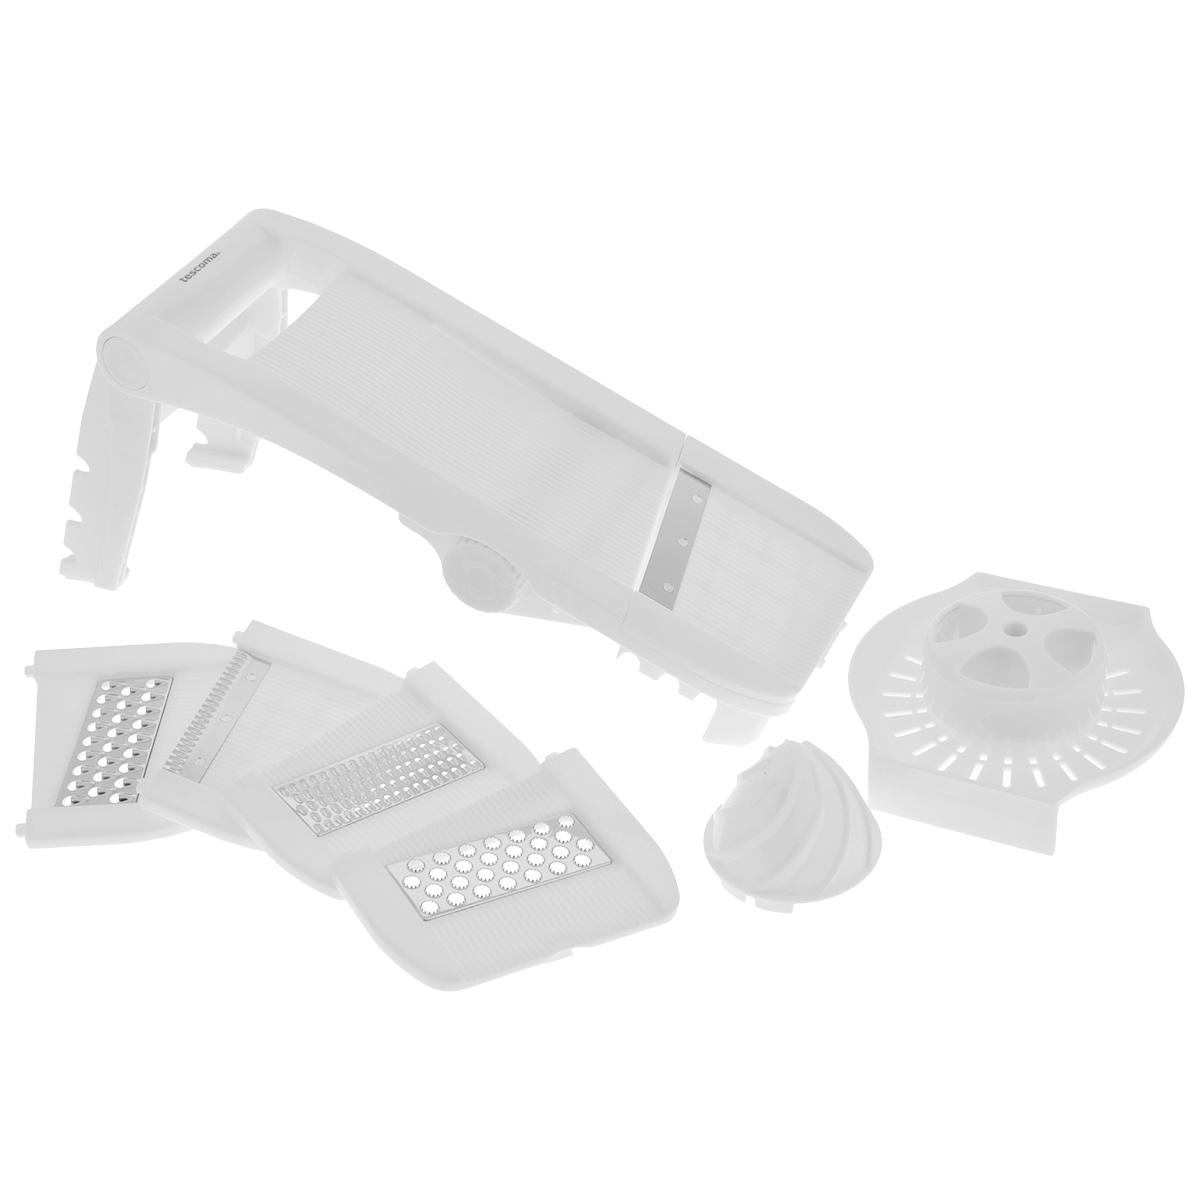 Мульти-терка Tescoma Мандолина, цвет: белый643862Мульти-терка Tescoma Мандолина выполнена из высококачественного пластика. Режущие лезвия насадок из нержавеющей стали обеспечивают эффективную нарезку продуктов. В комплект входят 5 съемных насадок: для фигурной нарезки, мелкой шинковки, крупной шинковки, нарезки твердых продуктов (твердого сыра, шоколада), для плоской нарезки, а также два встроенных лезвия для нарезки ломтиков картофеля крупного и мелкого размера. Кроме того, в комплекте безопасный держатель для продуктов и массивная ручка для удобного пользования. Терка снабжена выдвижными ножками с силиконовыми антискользящими вставками для комфортной работы. Можно мыть в посудомоечной машине. Размер терки в сложенном виде: 34 см х 12,5 см х 6,5 см. Размер терки с выдвинутыми ножками: 35 см х 12,5 х 16,5 см. Размер насадки: 12,7 см х 11 см х 0,7 см.